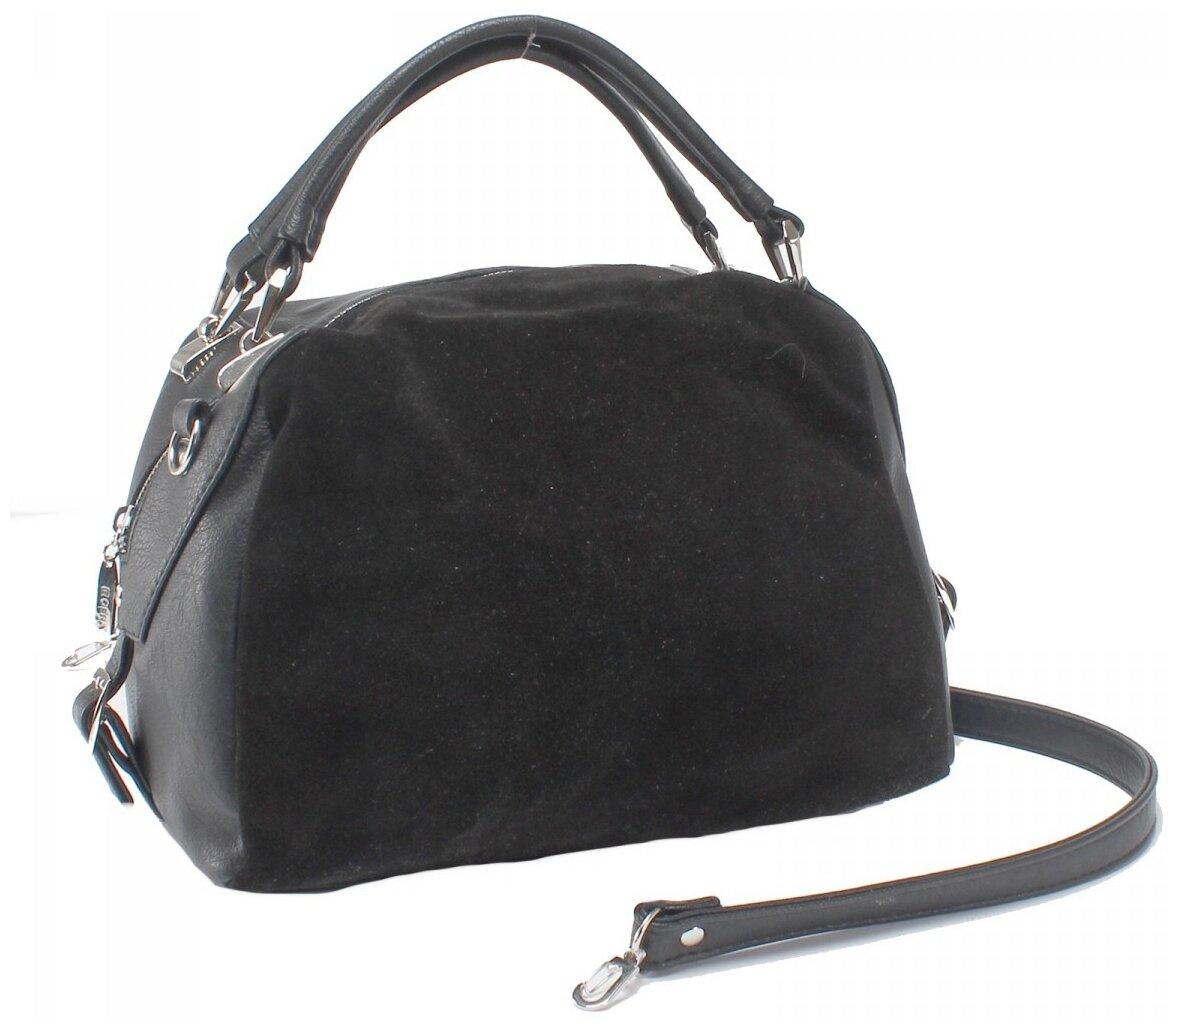 Купить Женская сумка-тоут экокожа(искусственная кожа)+натуральная замша Gera 522720 по низкой цене с доставкой из Яндекс.Маркета